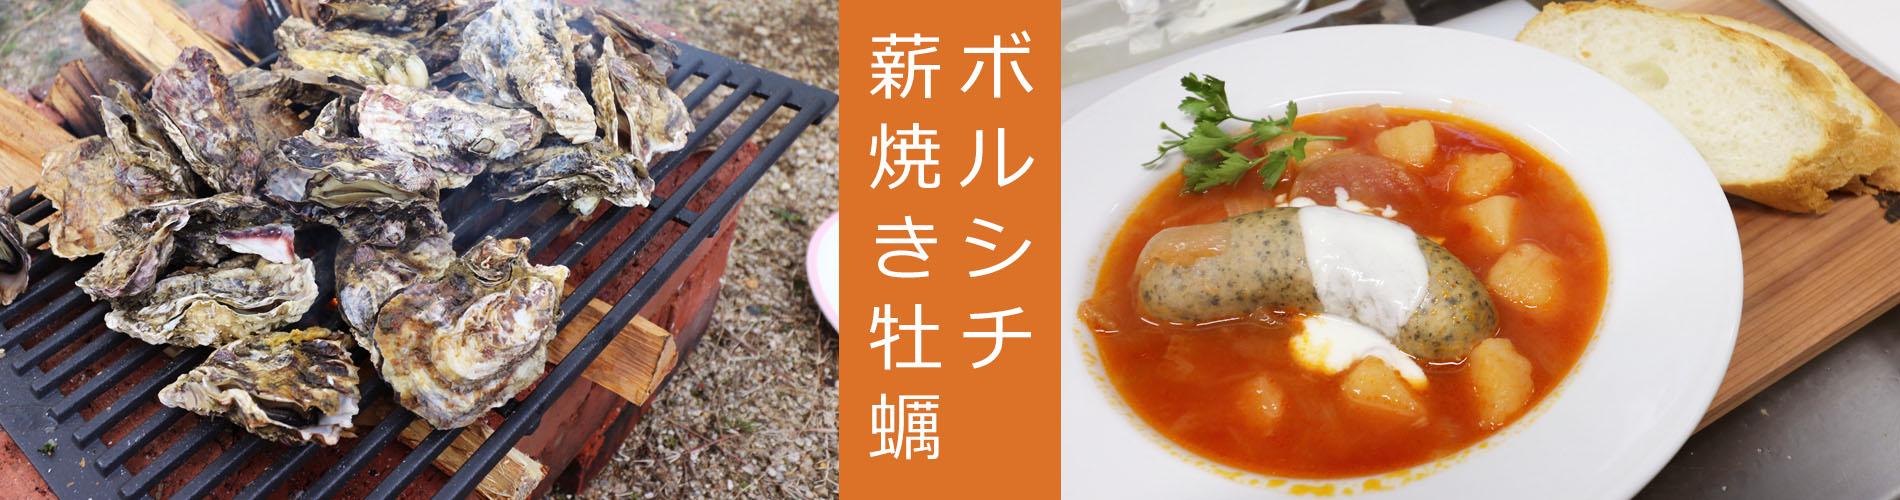 ボルシチと薪で焼いた牡蠣